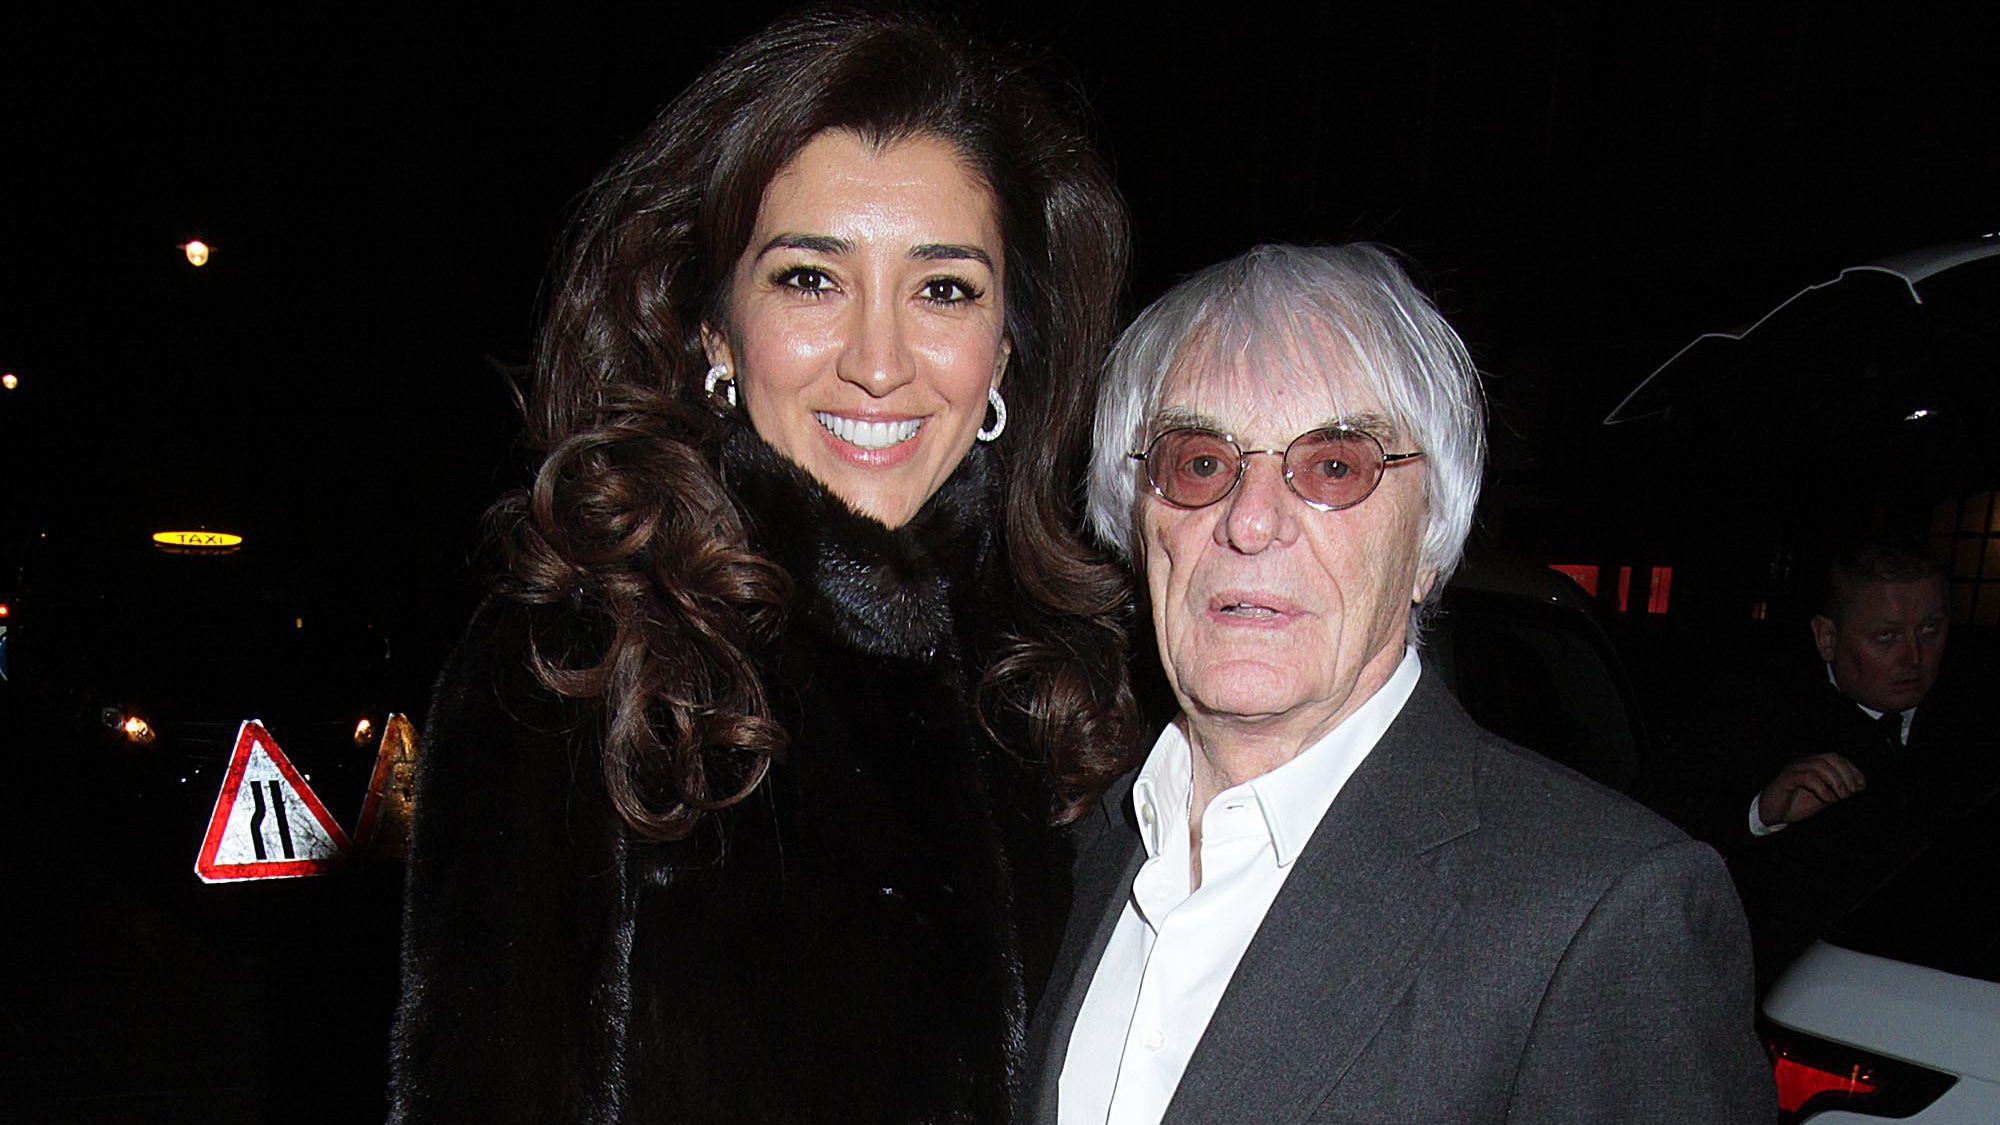 Fabiana Flosi y Bernie Ecclestone (Shutterstock)